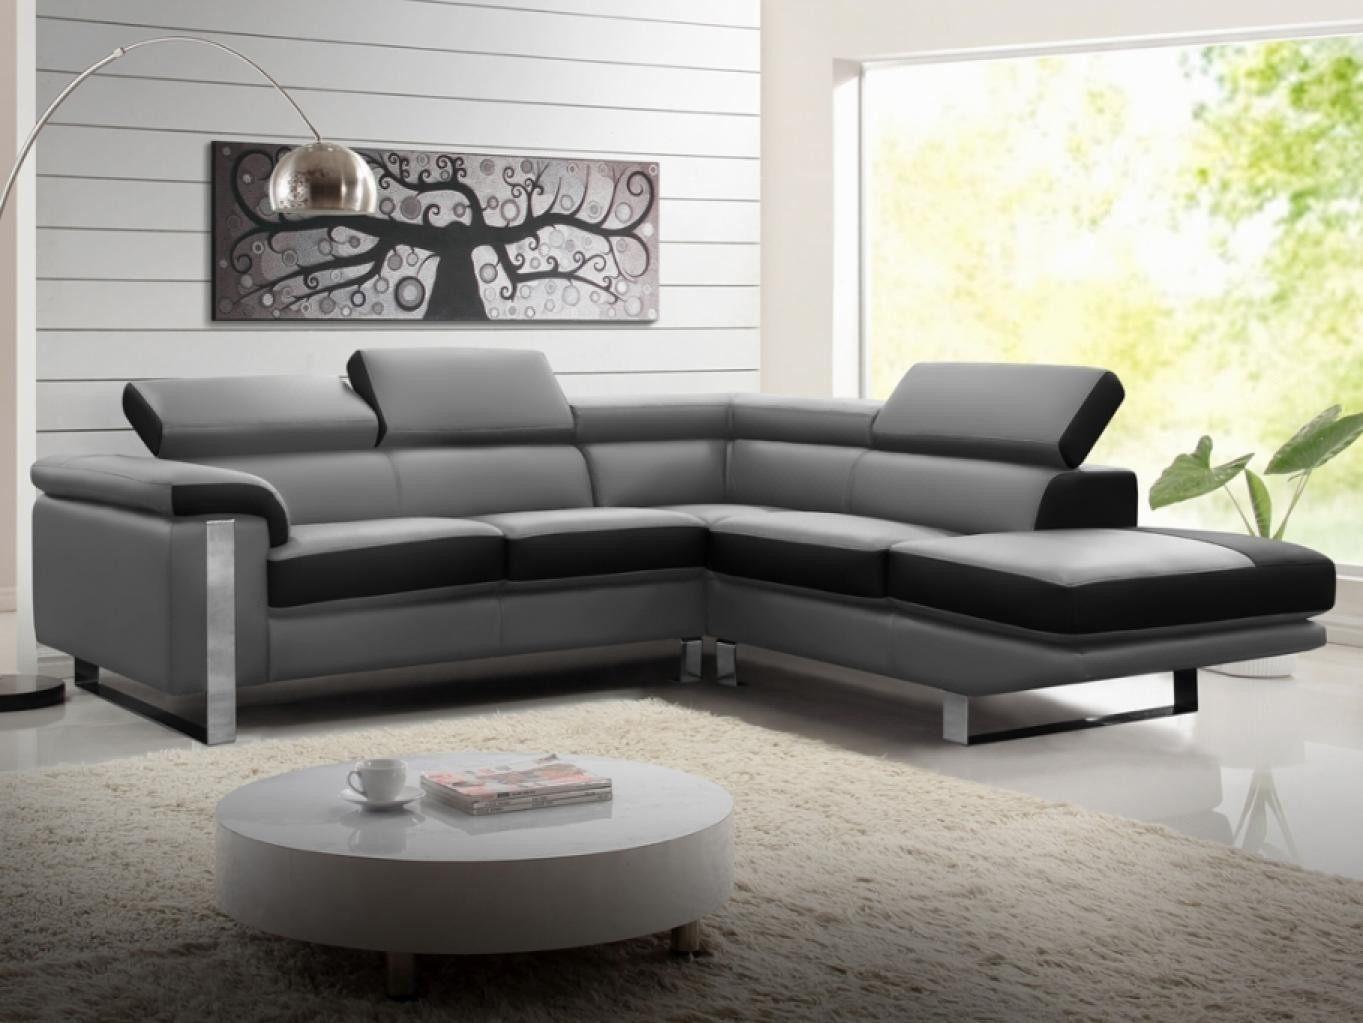 Canapé Lit Gonflable Douce 30 Nouveau Recouvrir Un Canapé En Cuir Suggestions